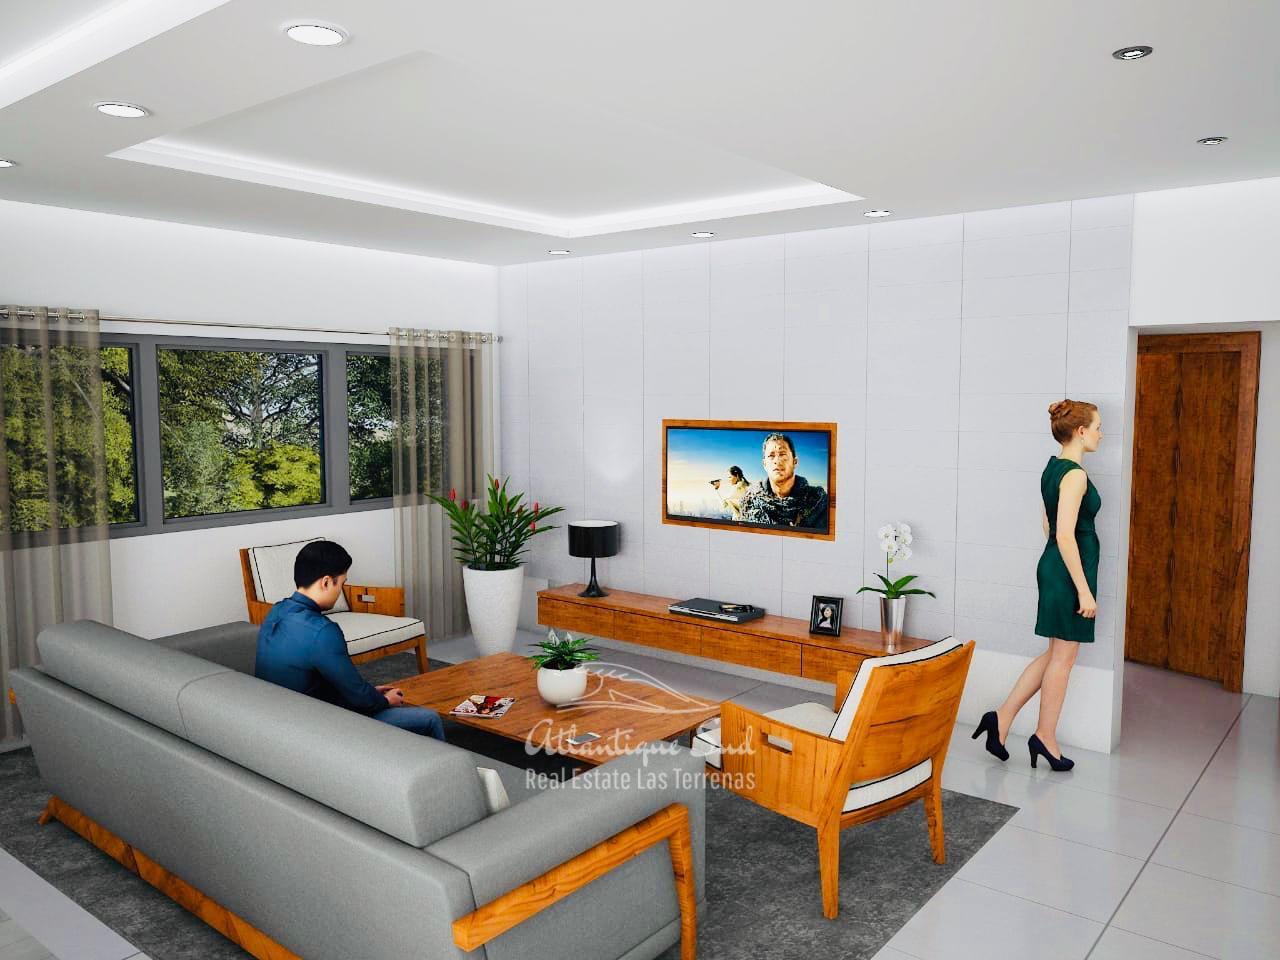 Modern condominium in central location Real Estate Las Terrenas Atlantique Sud Dominican Republic4.jpg